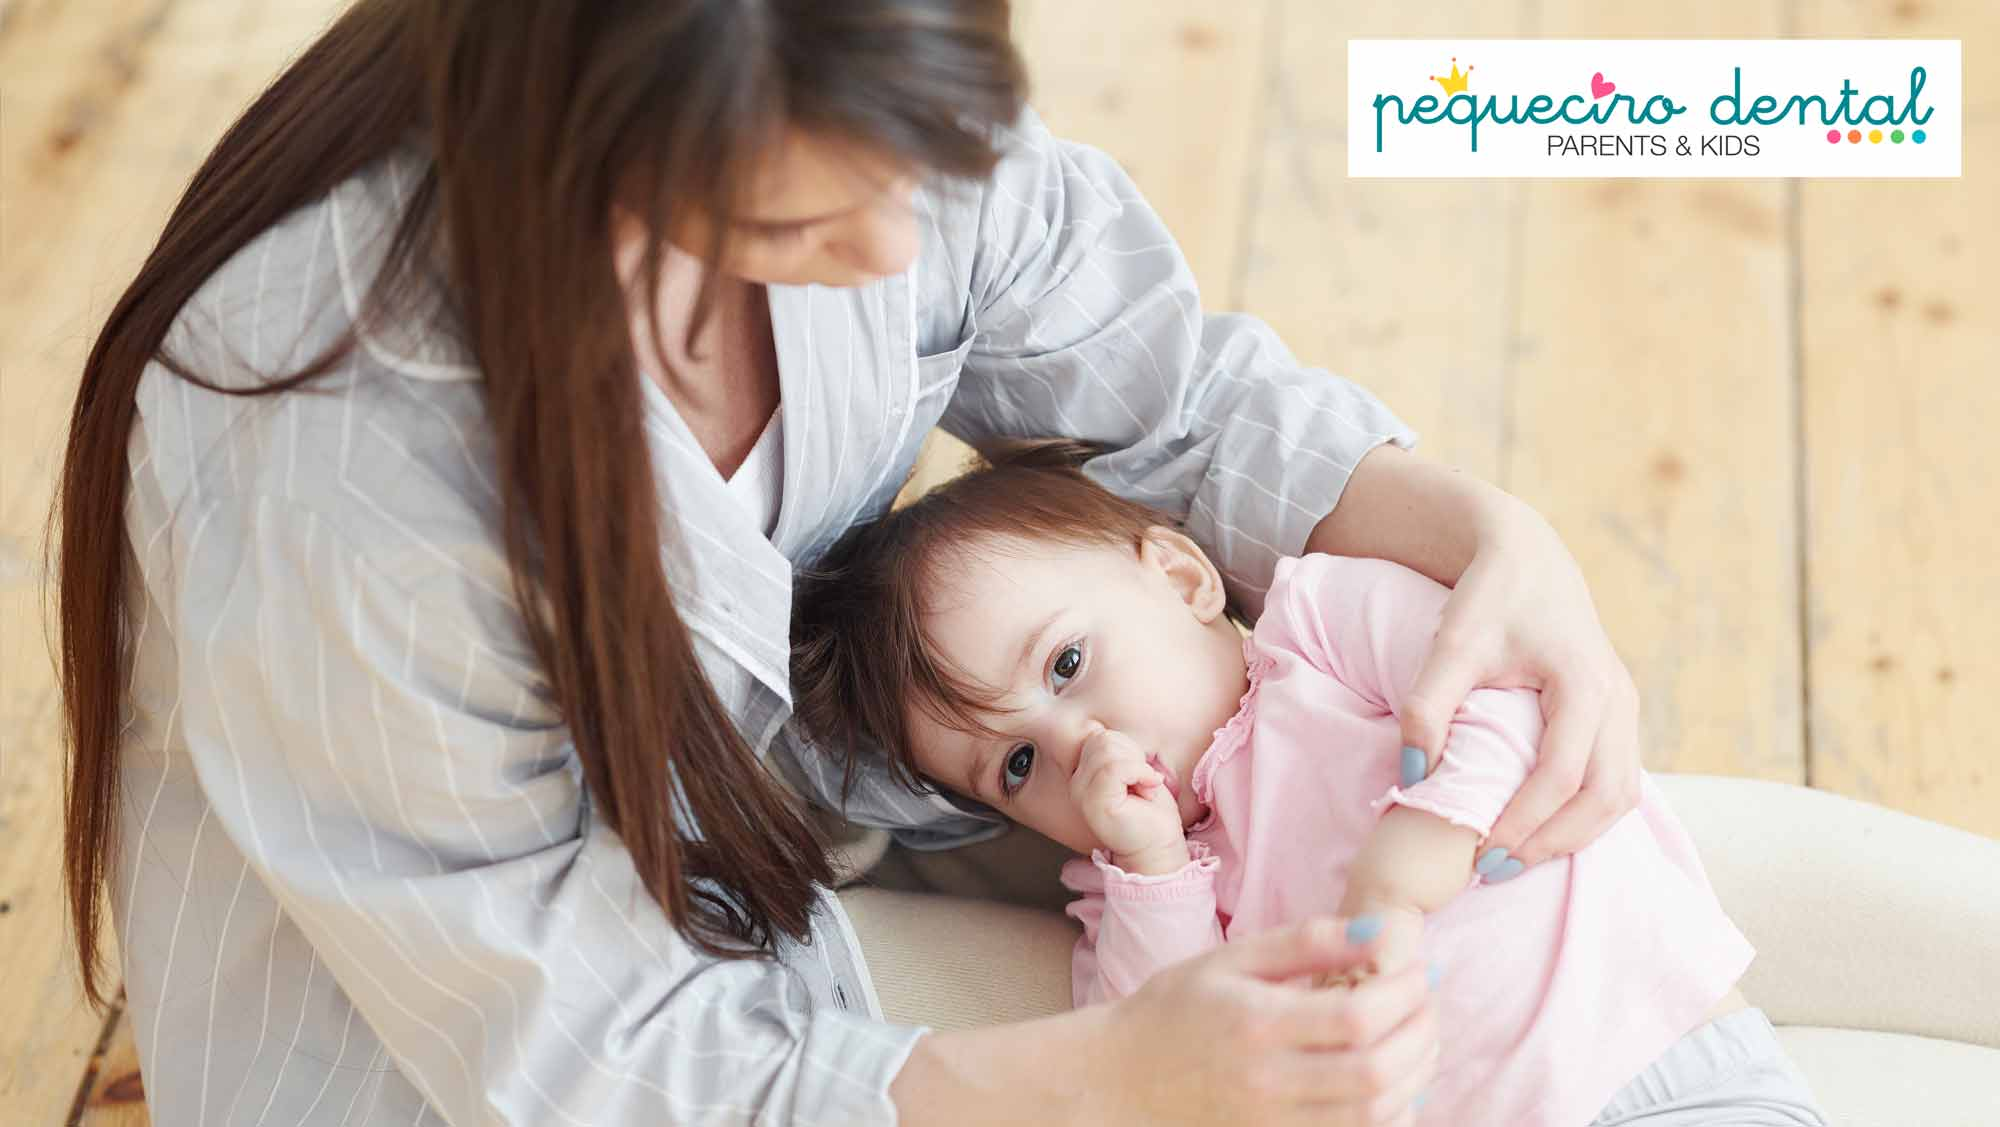 Hábitos perjudiciales para la salud dental de los niños